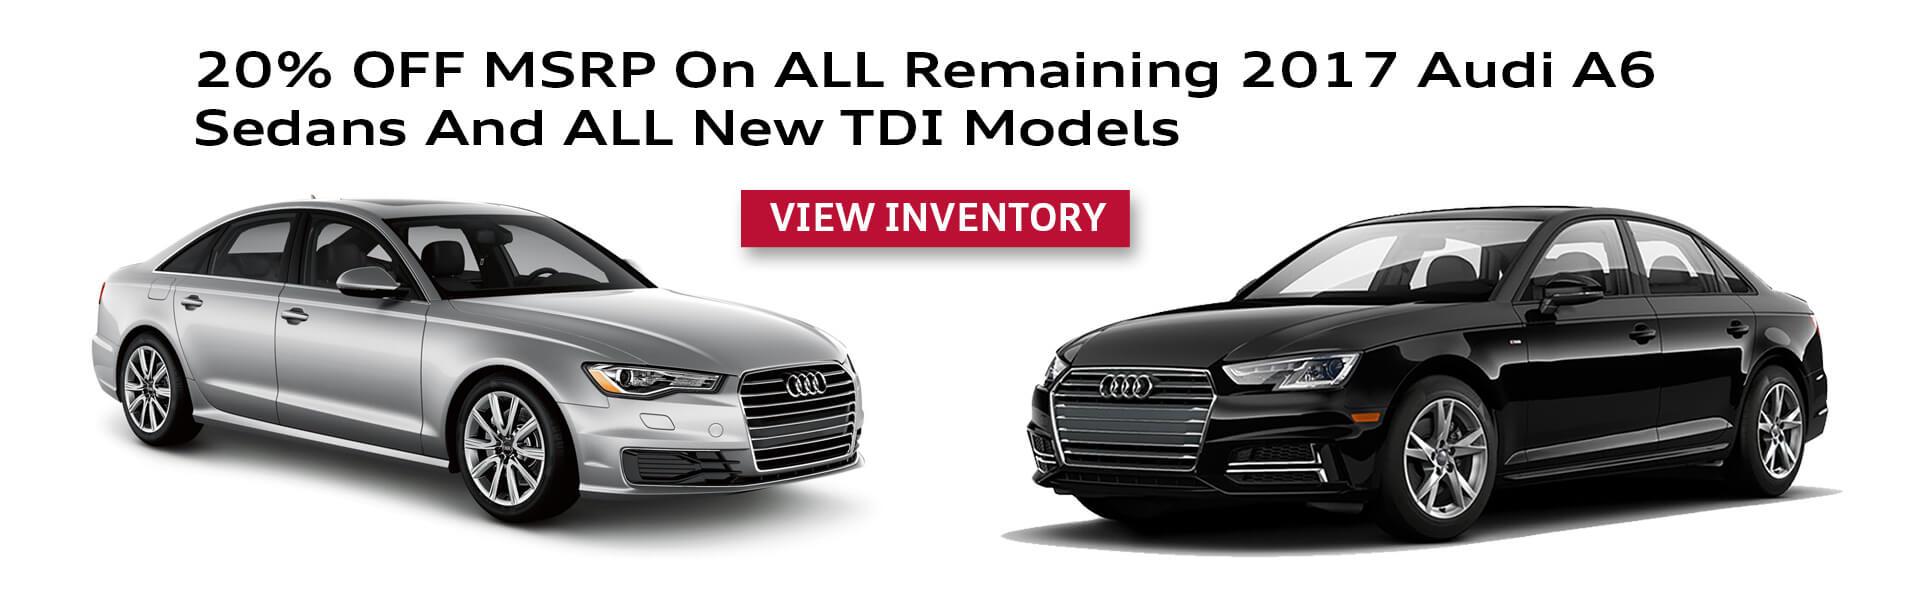 2017 models